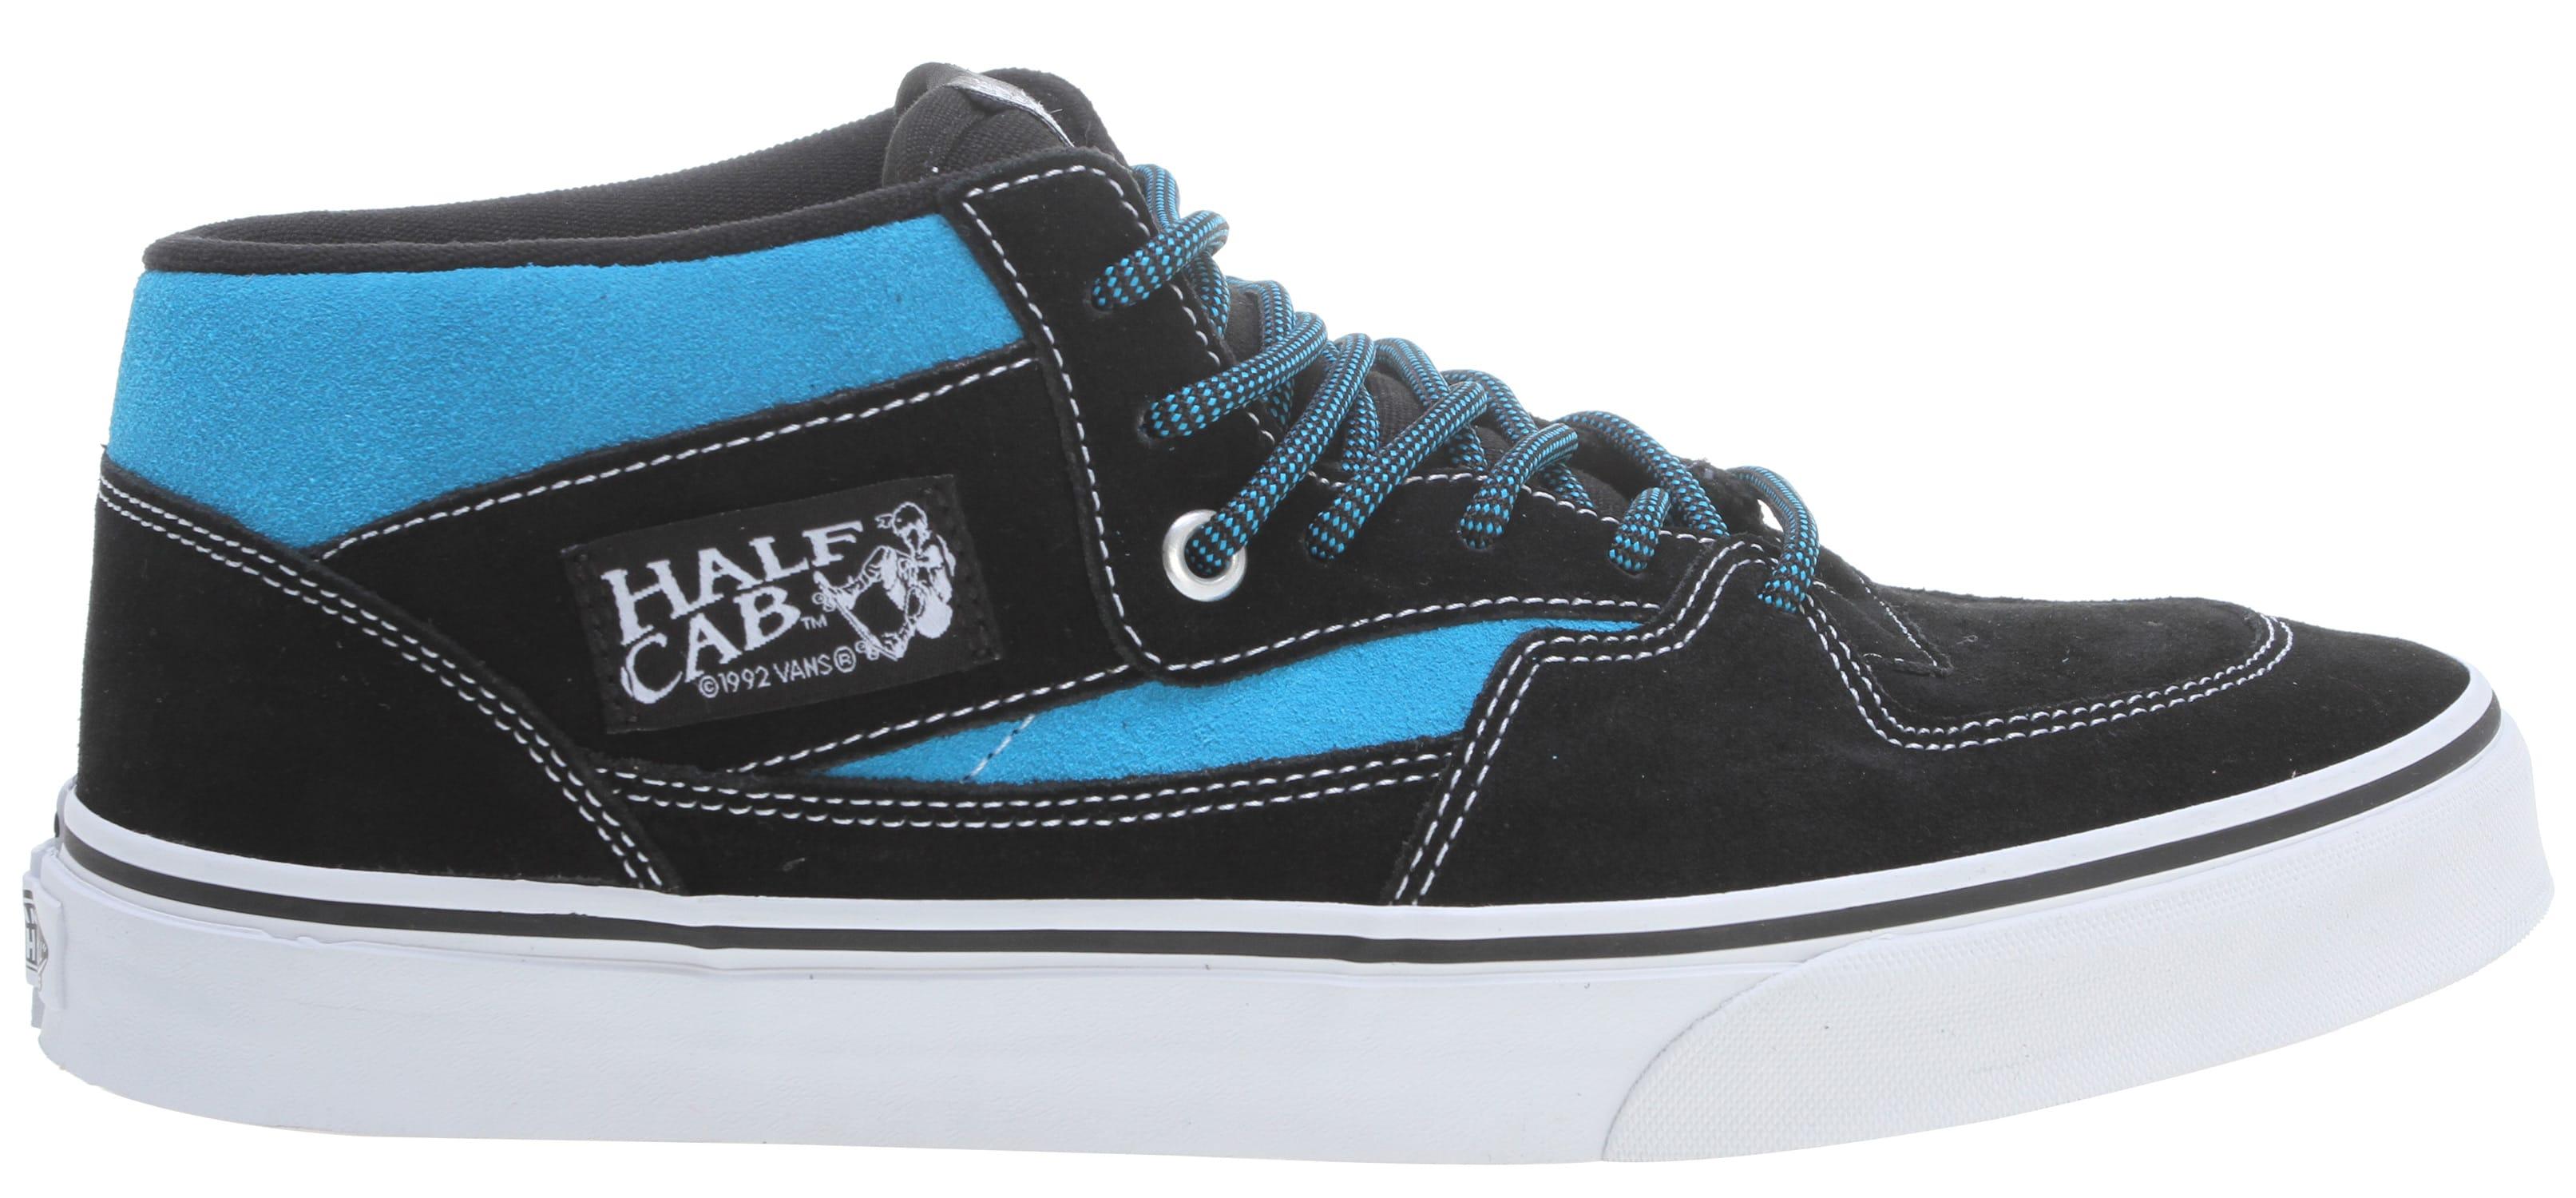 bd45784df6 Vans Half Cab Skate Shoes - thumbnail 1